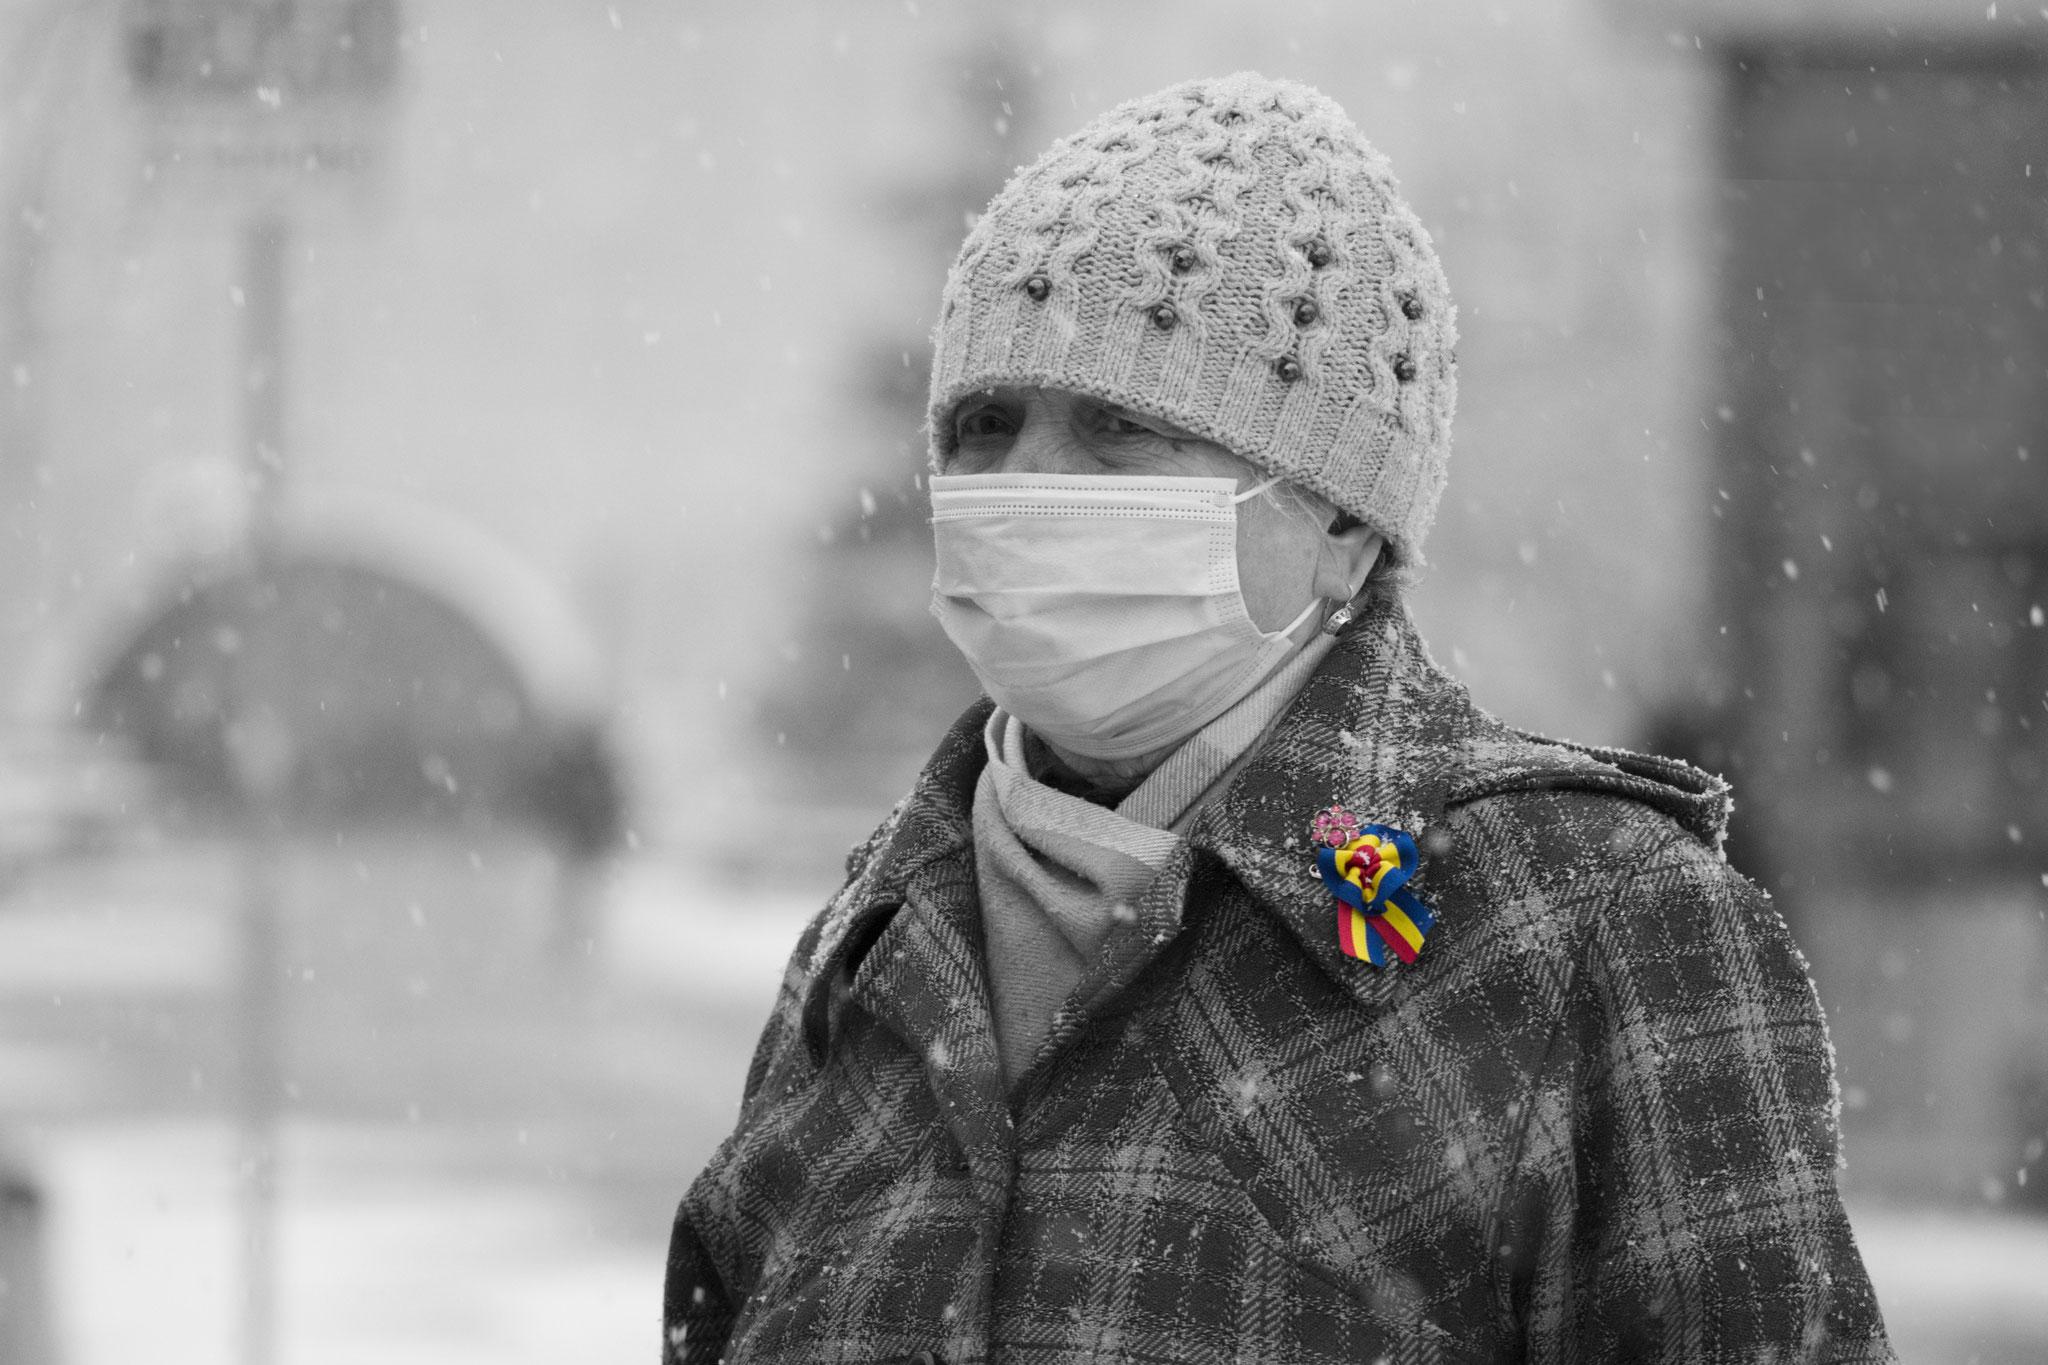 Morvay-Szabó Edina Éva (Romania) - Winter has come